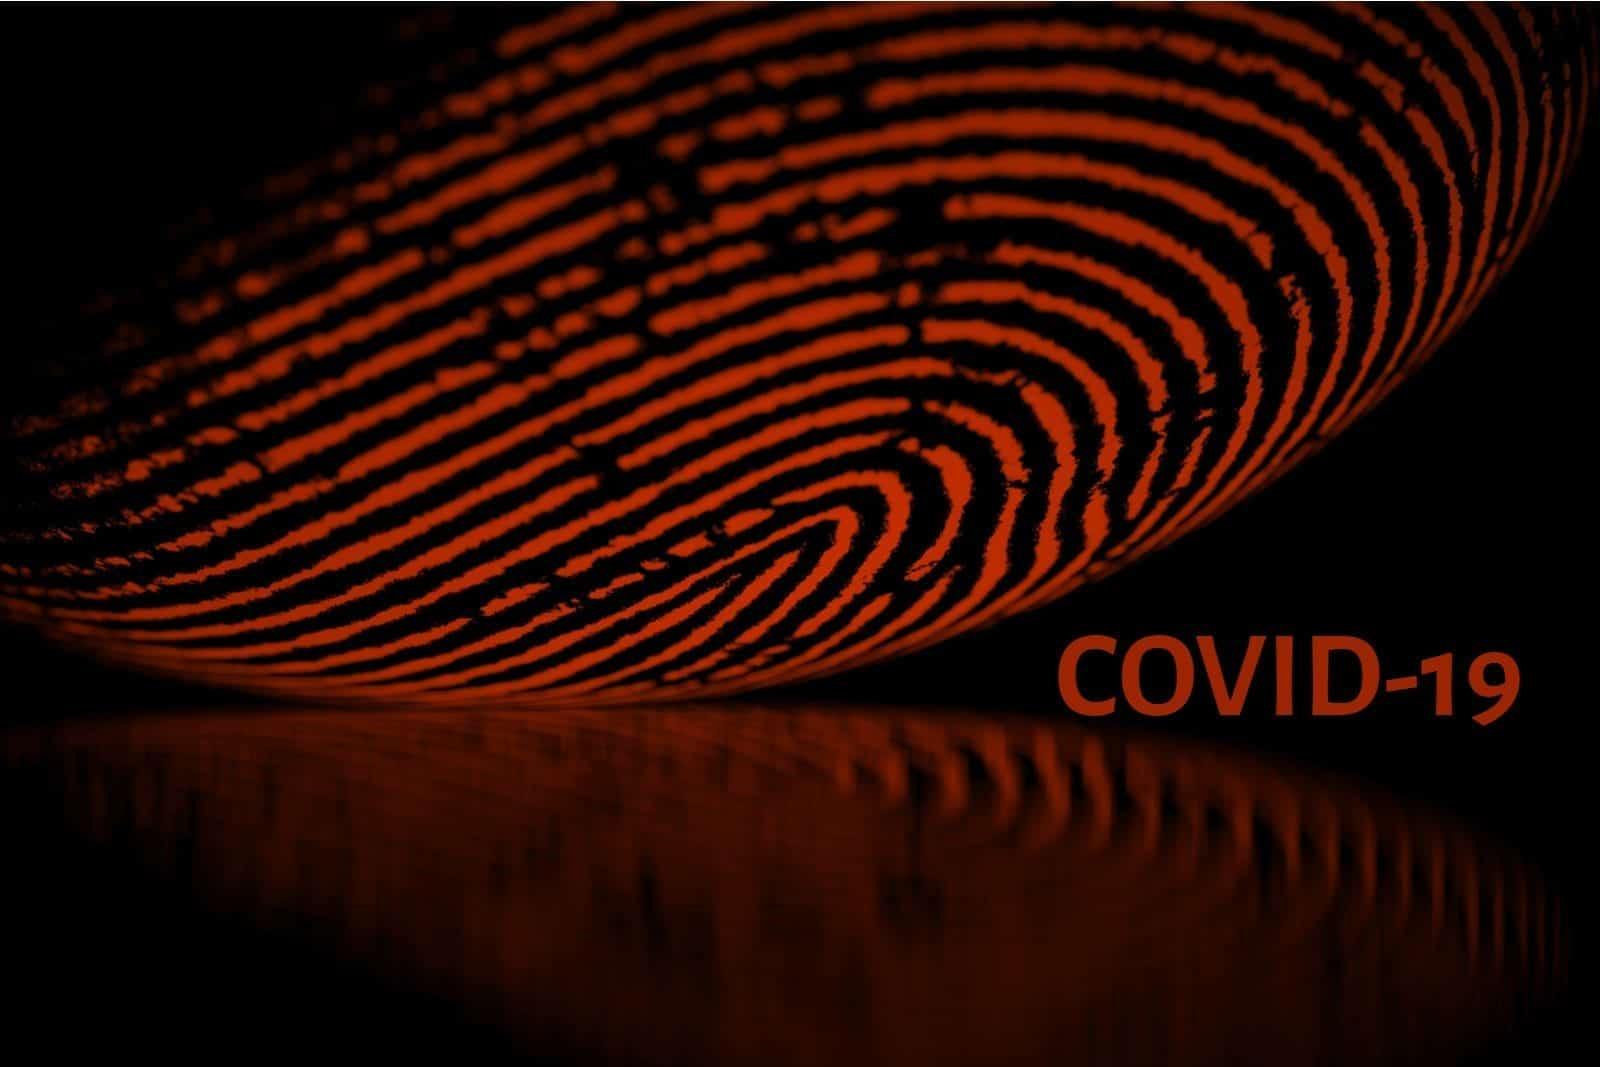 Mesin Absensi Jadi Media Baru Penyebaran COVID-19, Bagaimana Bisa?